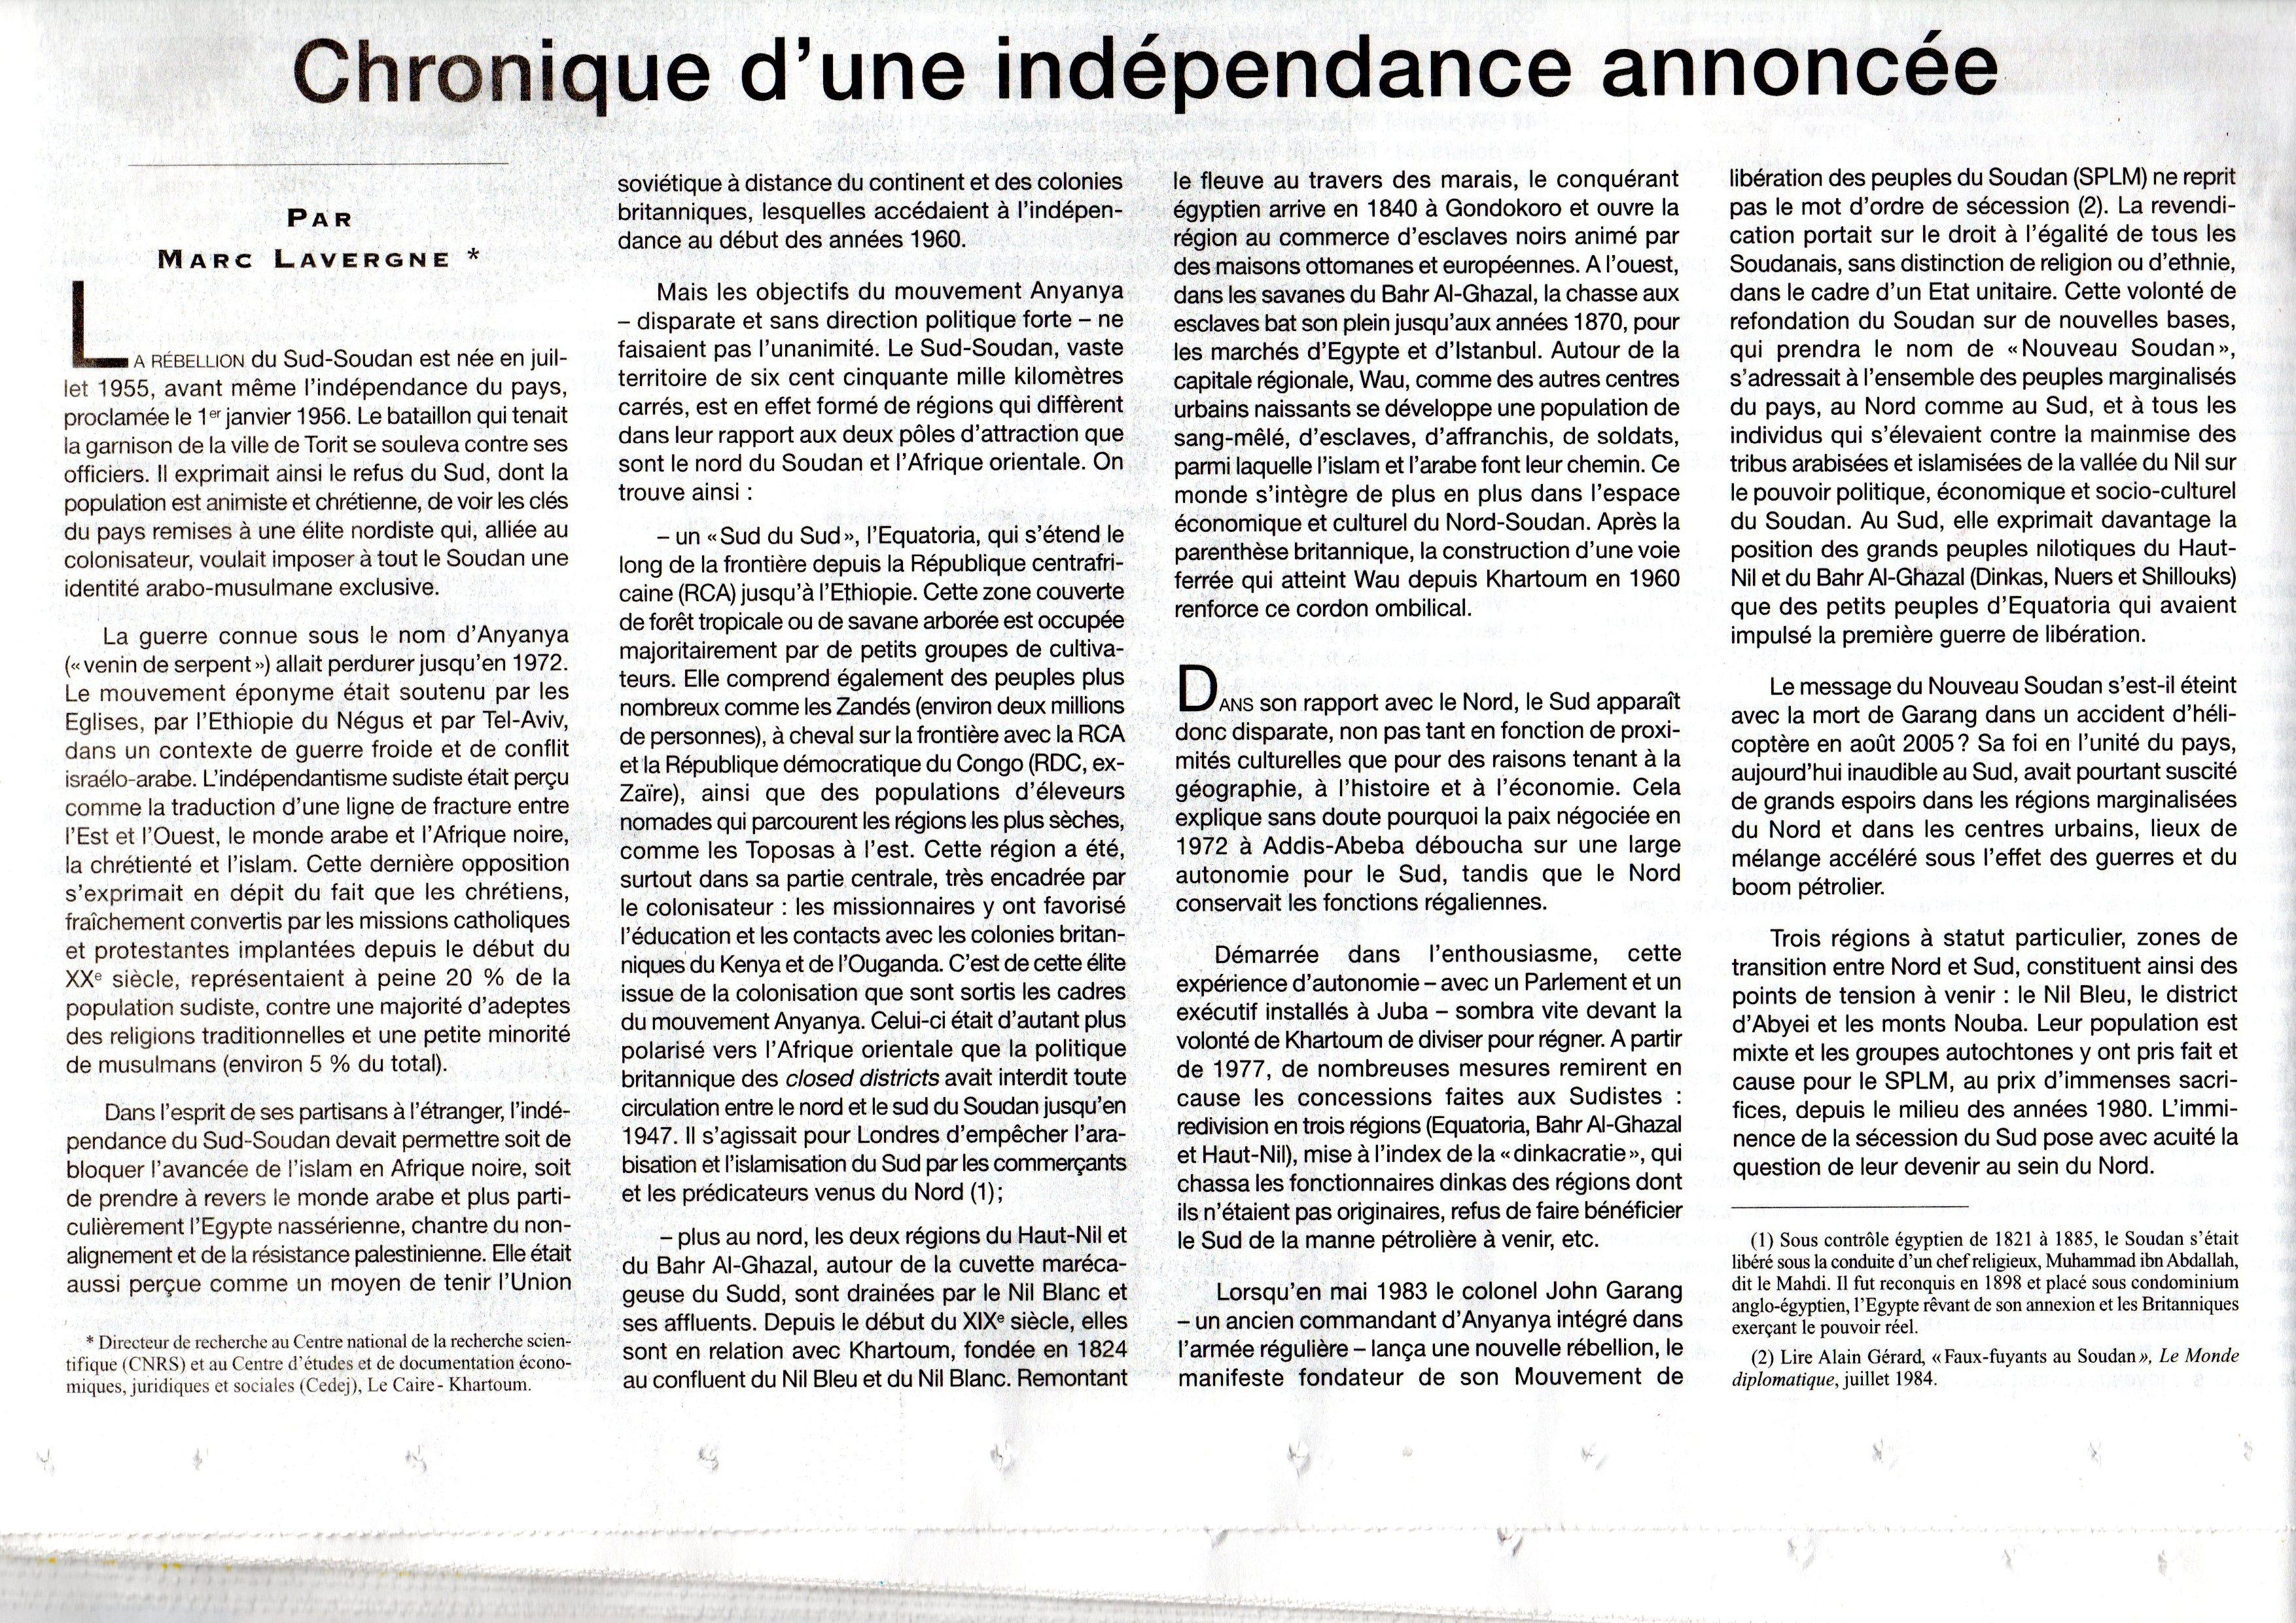 Chronique d'une indépendance annoncée